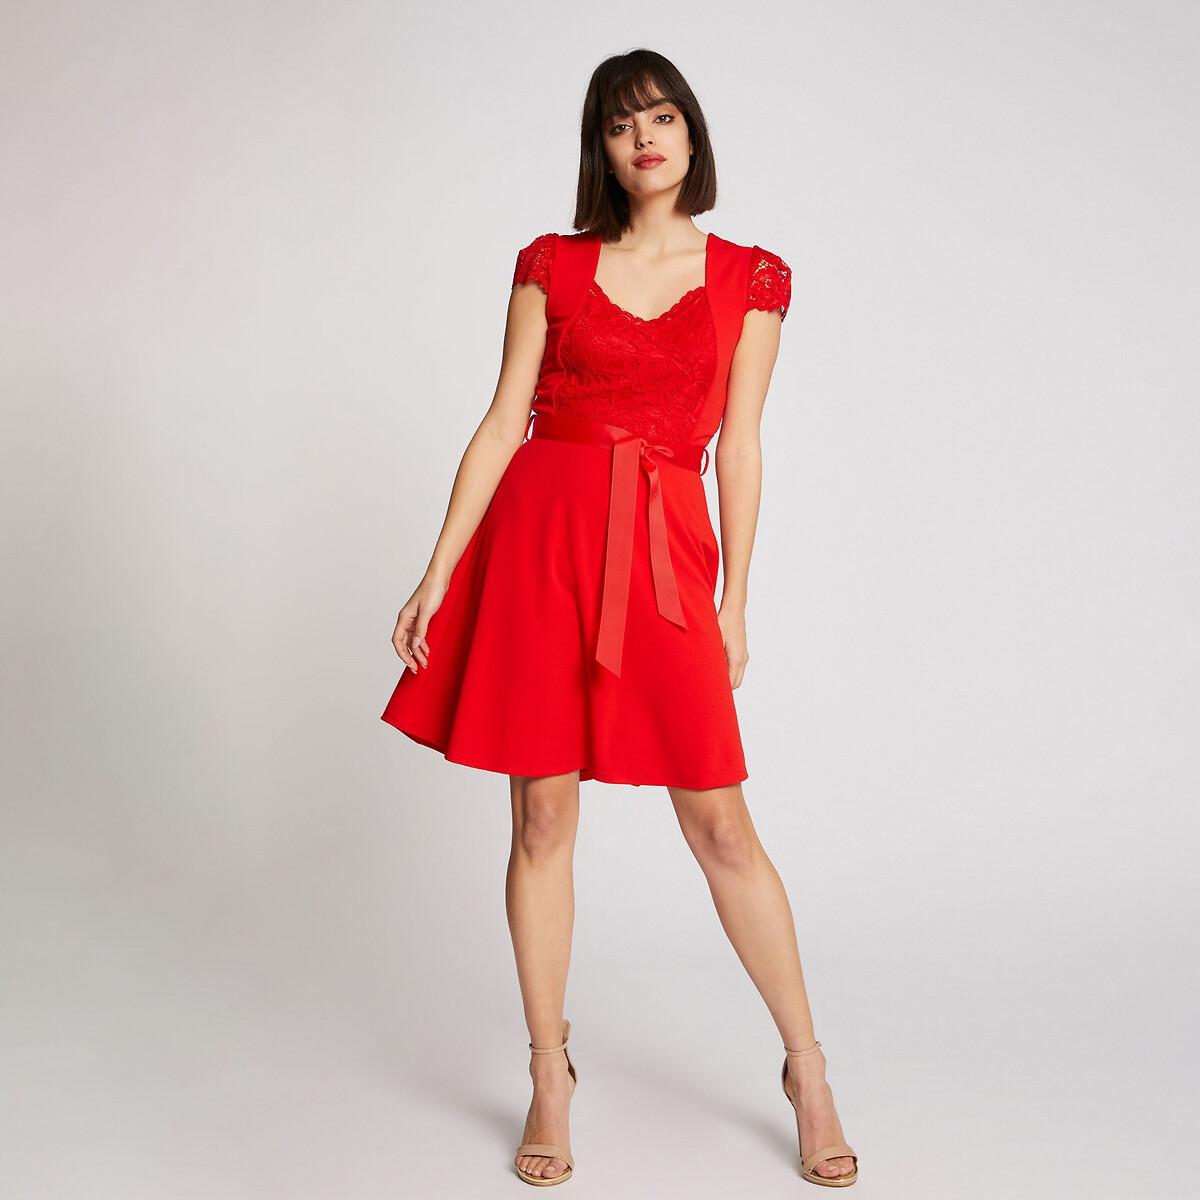 Платье LaRedoute Короткое расклешенное из двух материалов 36 (FR) - 42 (RUS) красный платье la redoute короткое расклешенное в горошек с ажурными бретелями 42 fr 48 rus синий